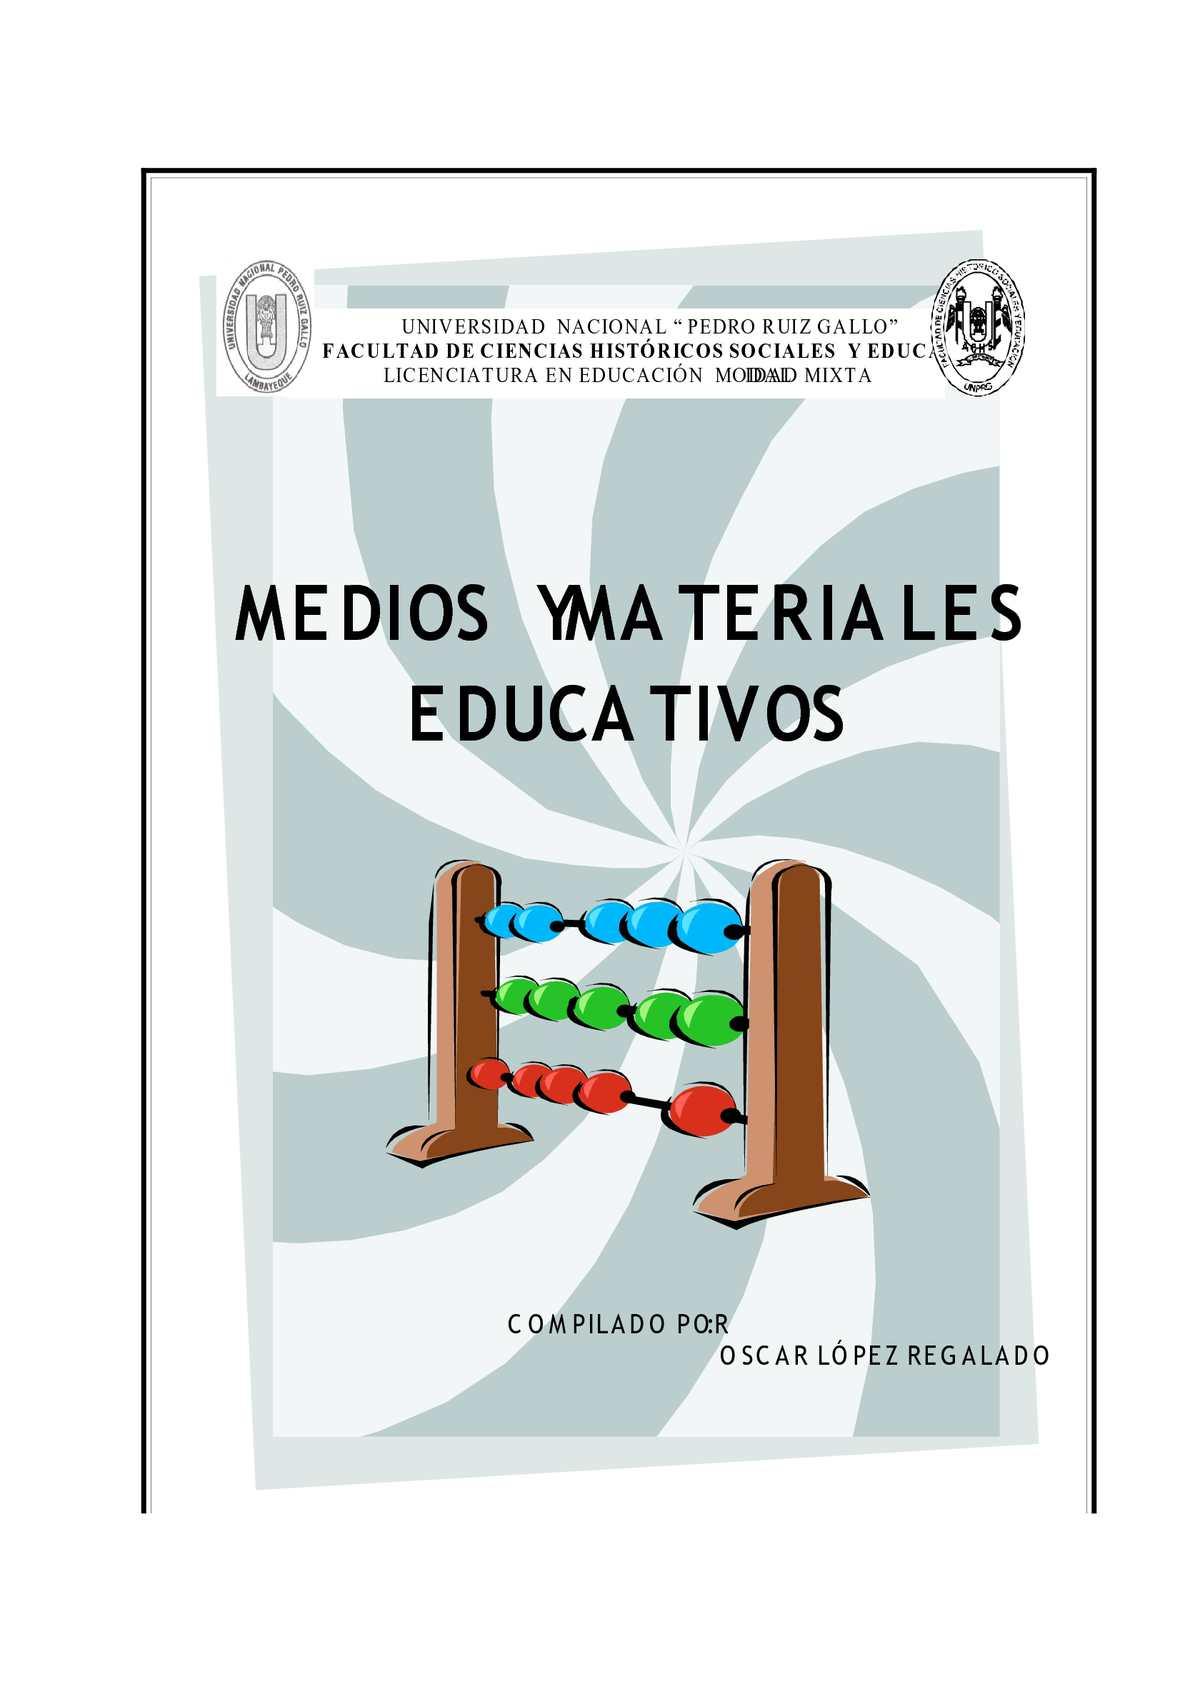 los-medios-y-materiales-educativos